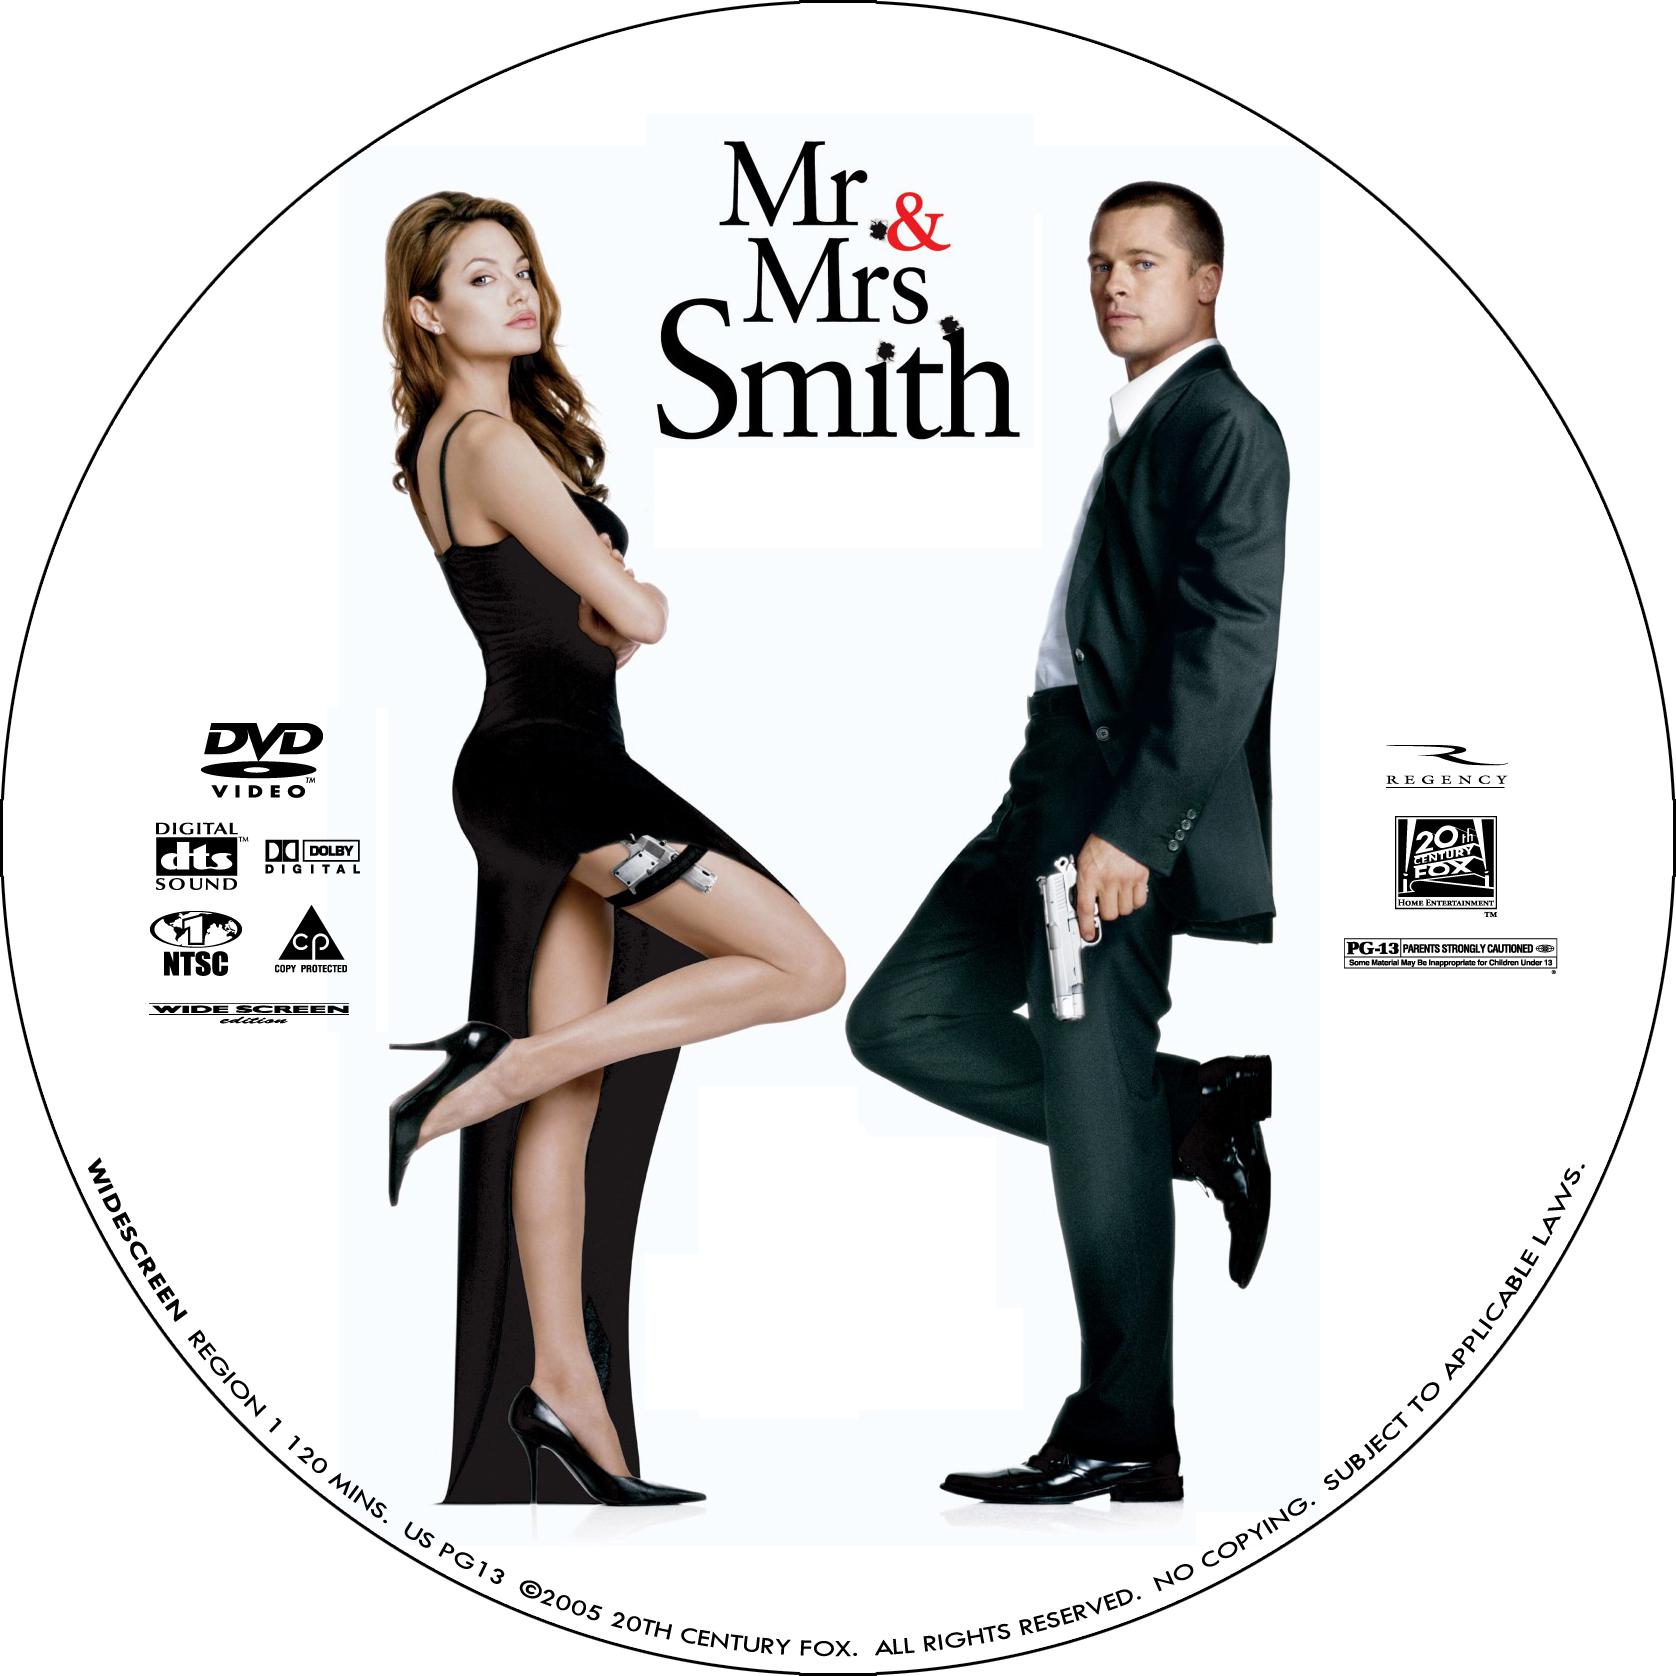 Mr und mrs smith soundtrack download